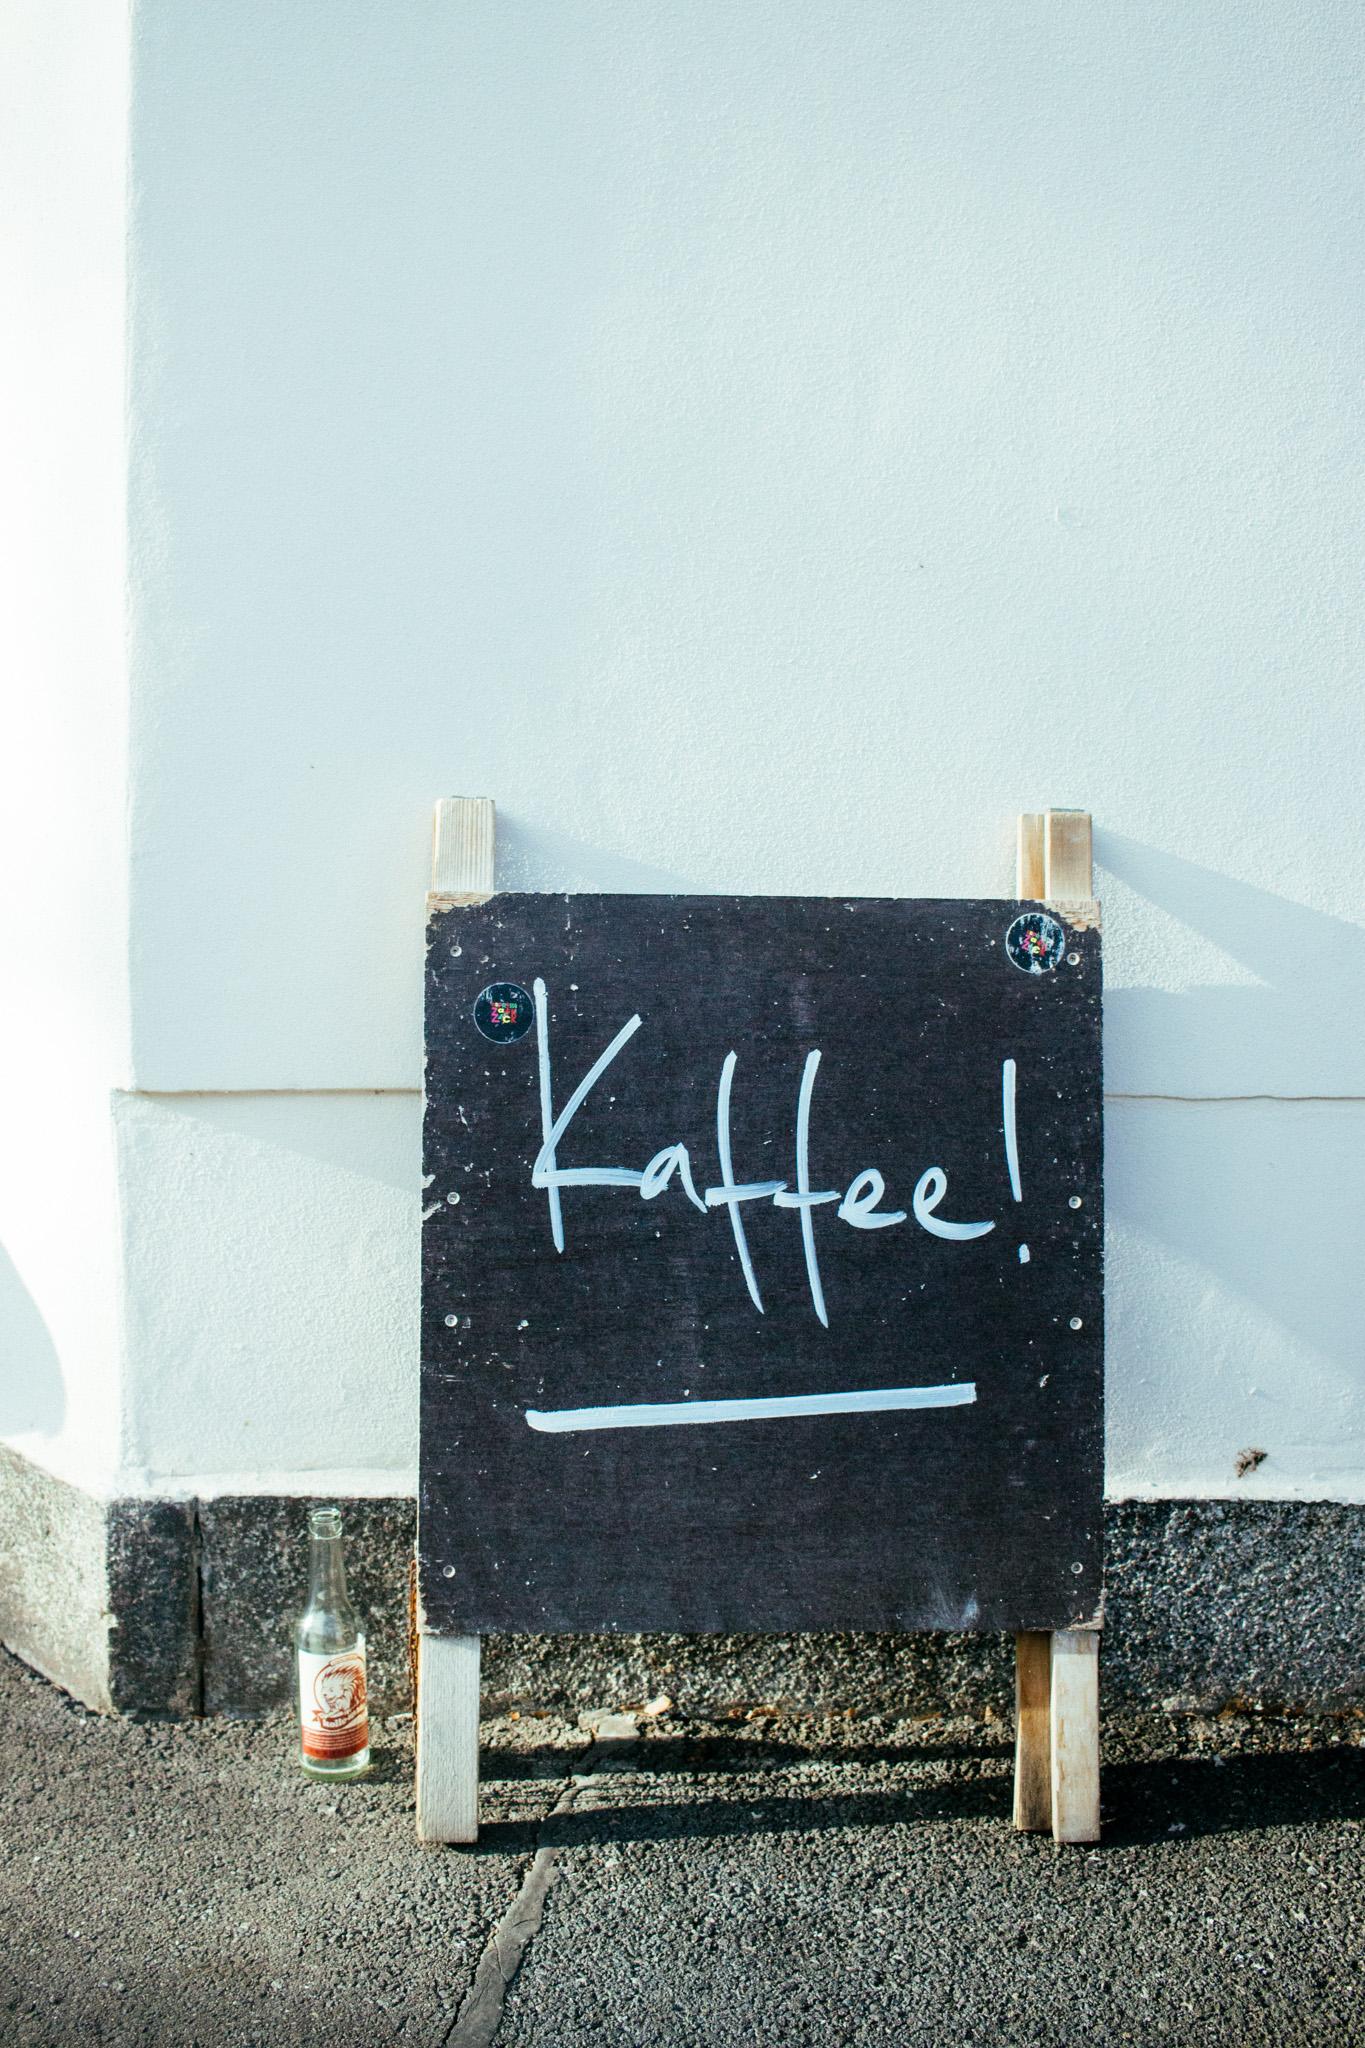 krudebude_espressozackzack_schoenefeld_leipzig-1755